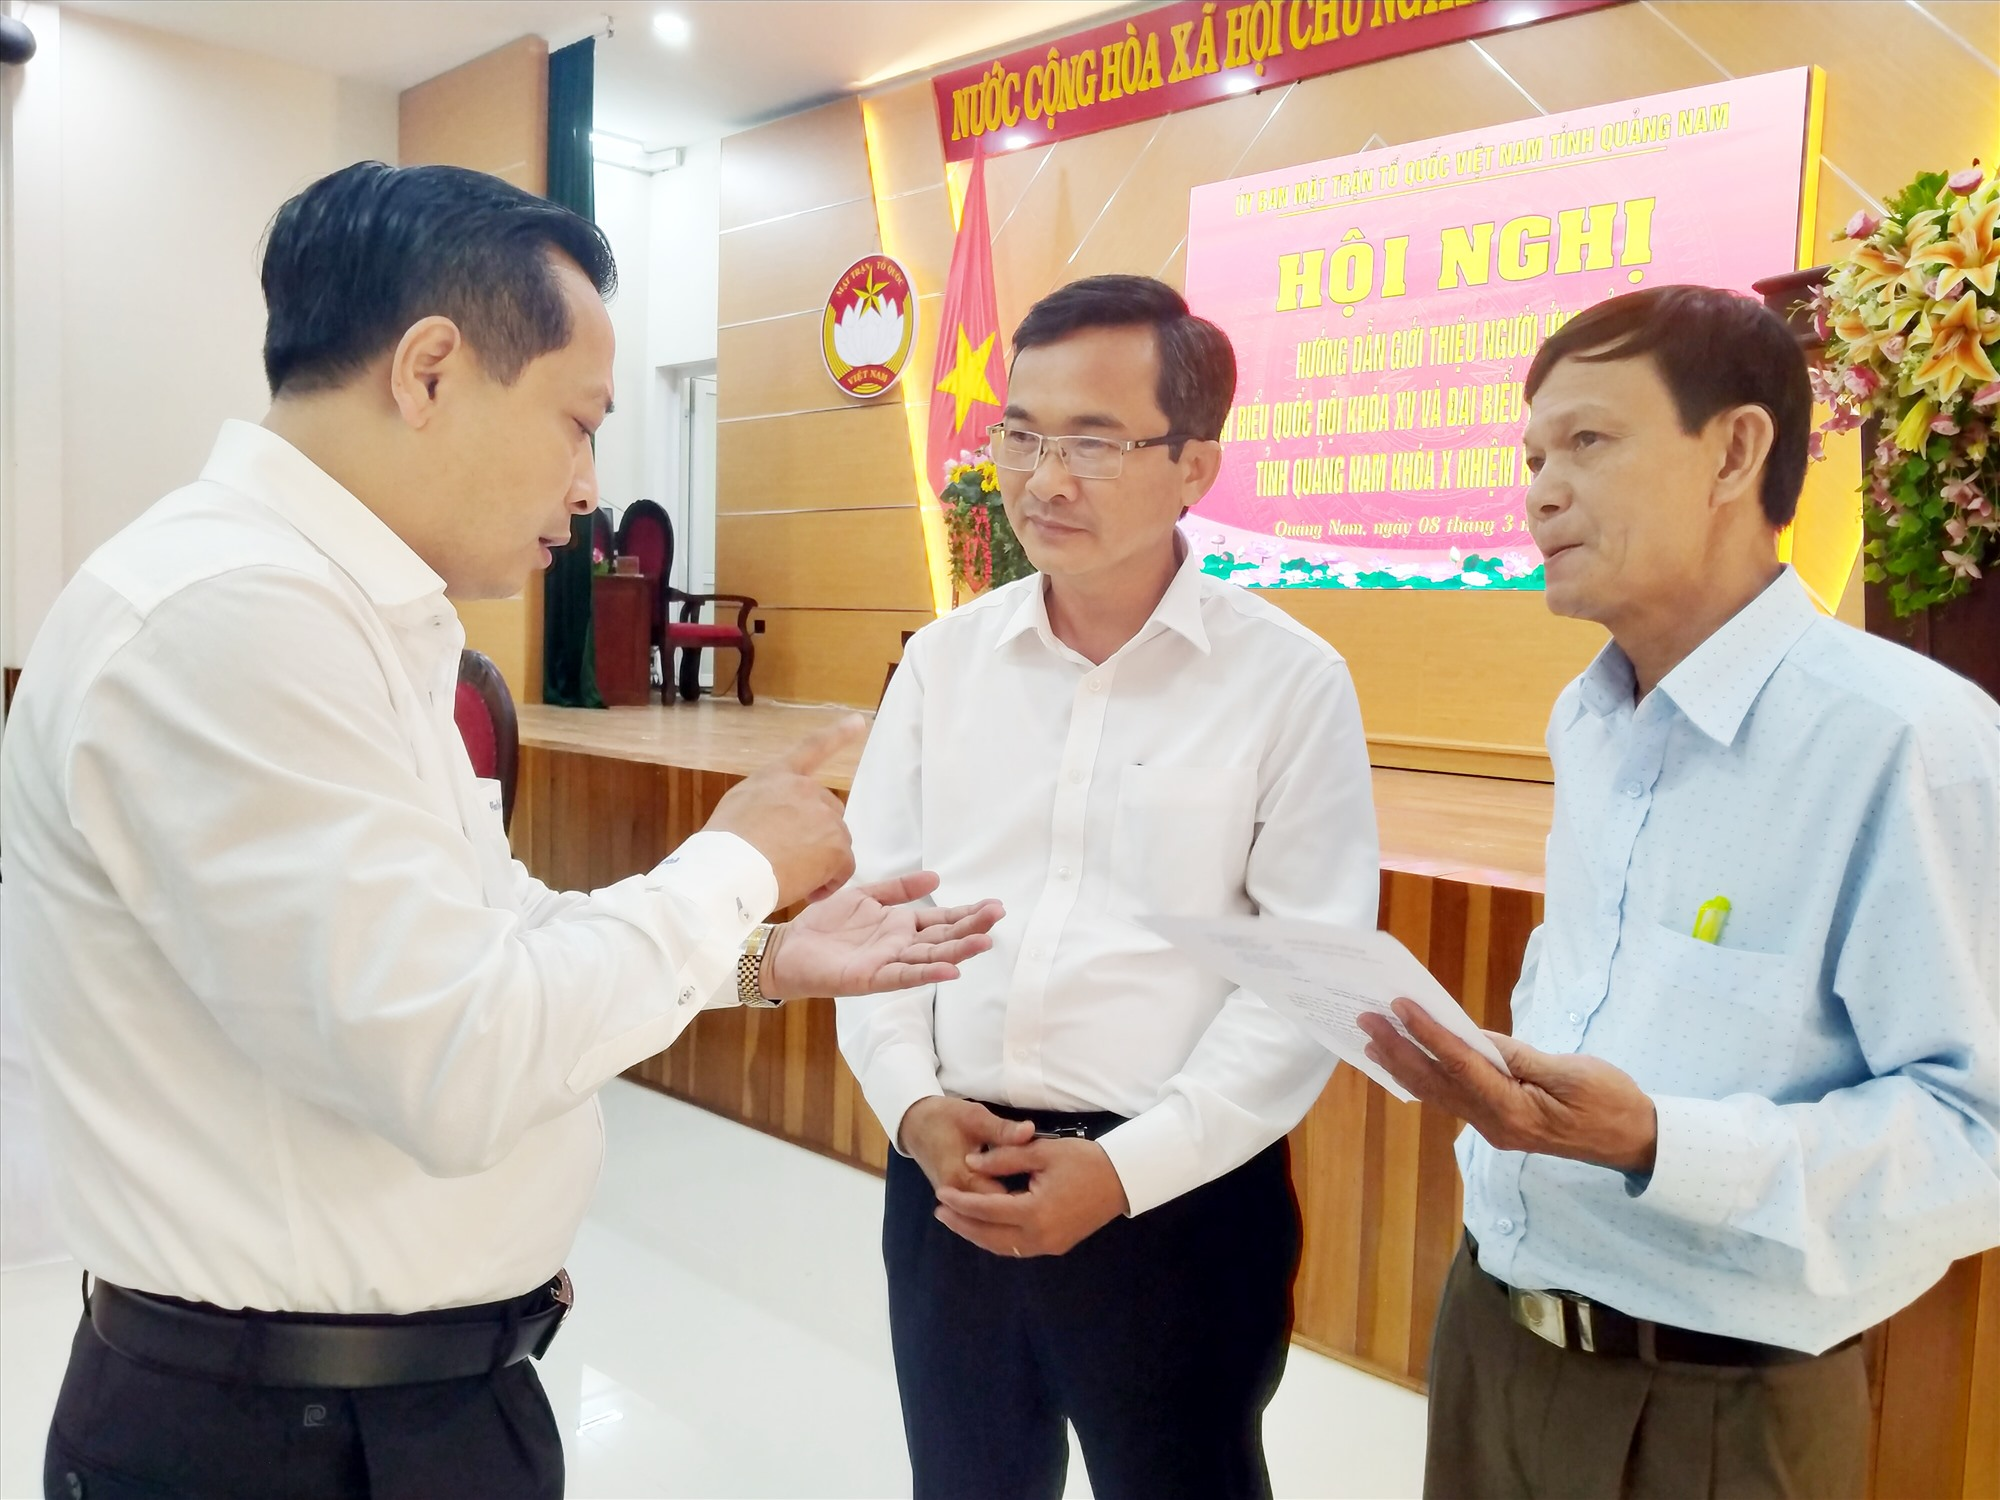 Phó Chủ tịch Thường trực Ủy ban MTTQ Việt Nam tỉnh Nguyễn Phi Hùng (giữa) trao đổi với các đại biểu dự hội nghị về việc giới thiệu người ra ứng cử ĐBQH khóa XV và đại biểu HĐND các cấp nhiệm kỳ 2021 - 2026. Ảnh: ĐOAN VINH